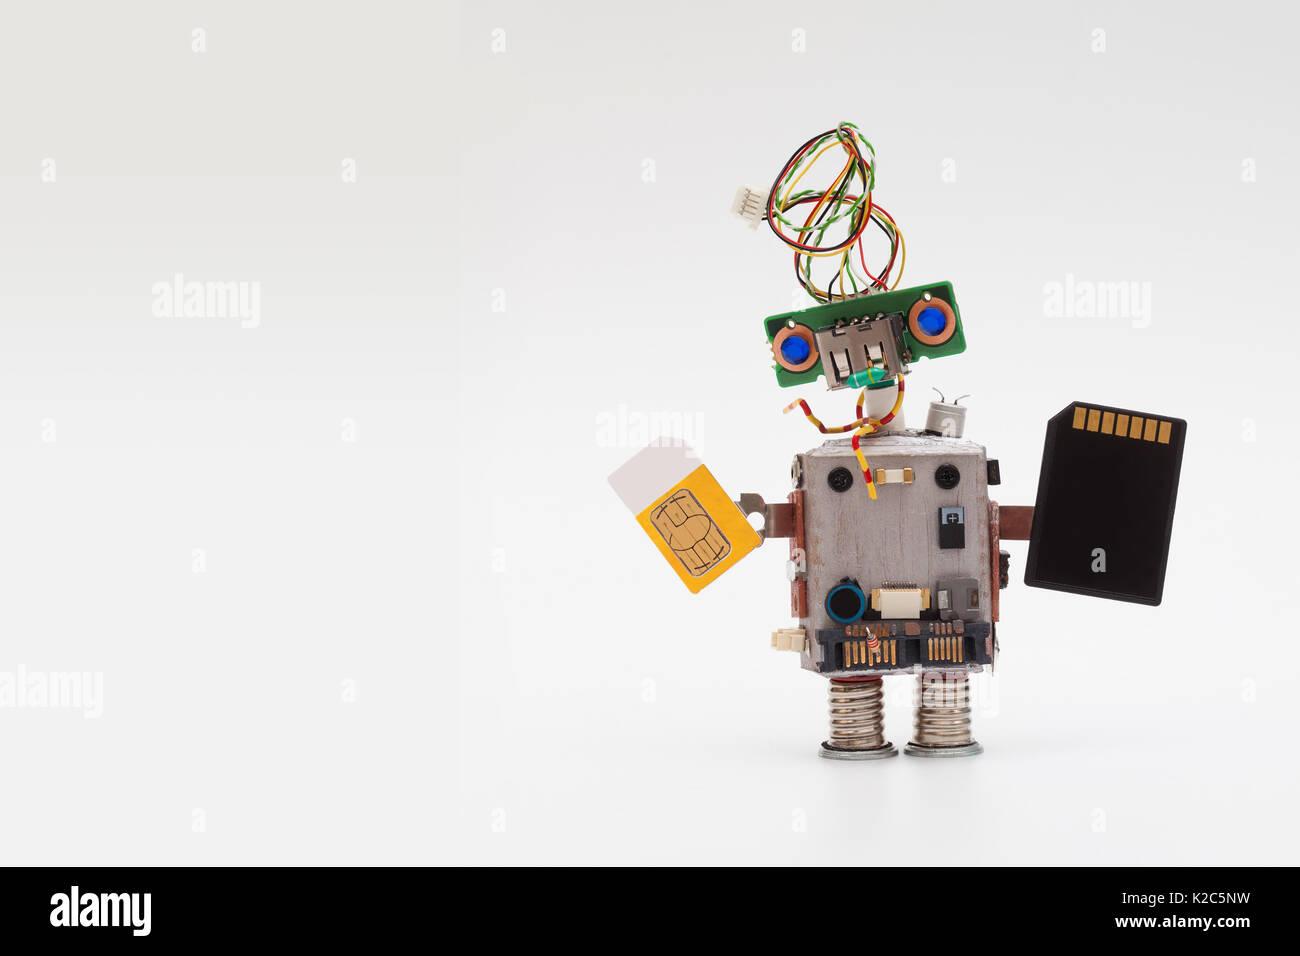 Retro Style Roboter Konzept mit gelben sim-karte und schwarz Mikrochip. Stromkreise Steckdose Spielzeug Mechanismus, lustigen, farbigen blauen Augen. Text kopieren, leichte Steigung Hintergrund Stockbild